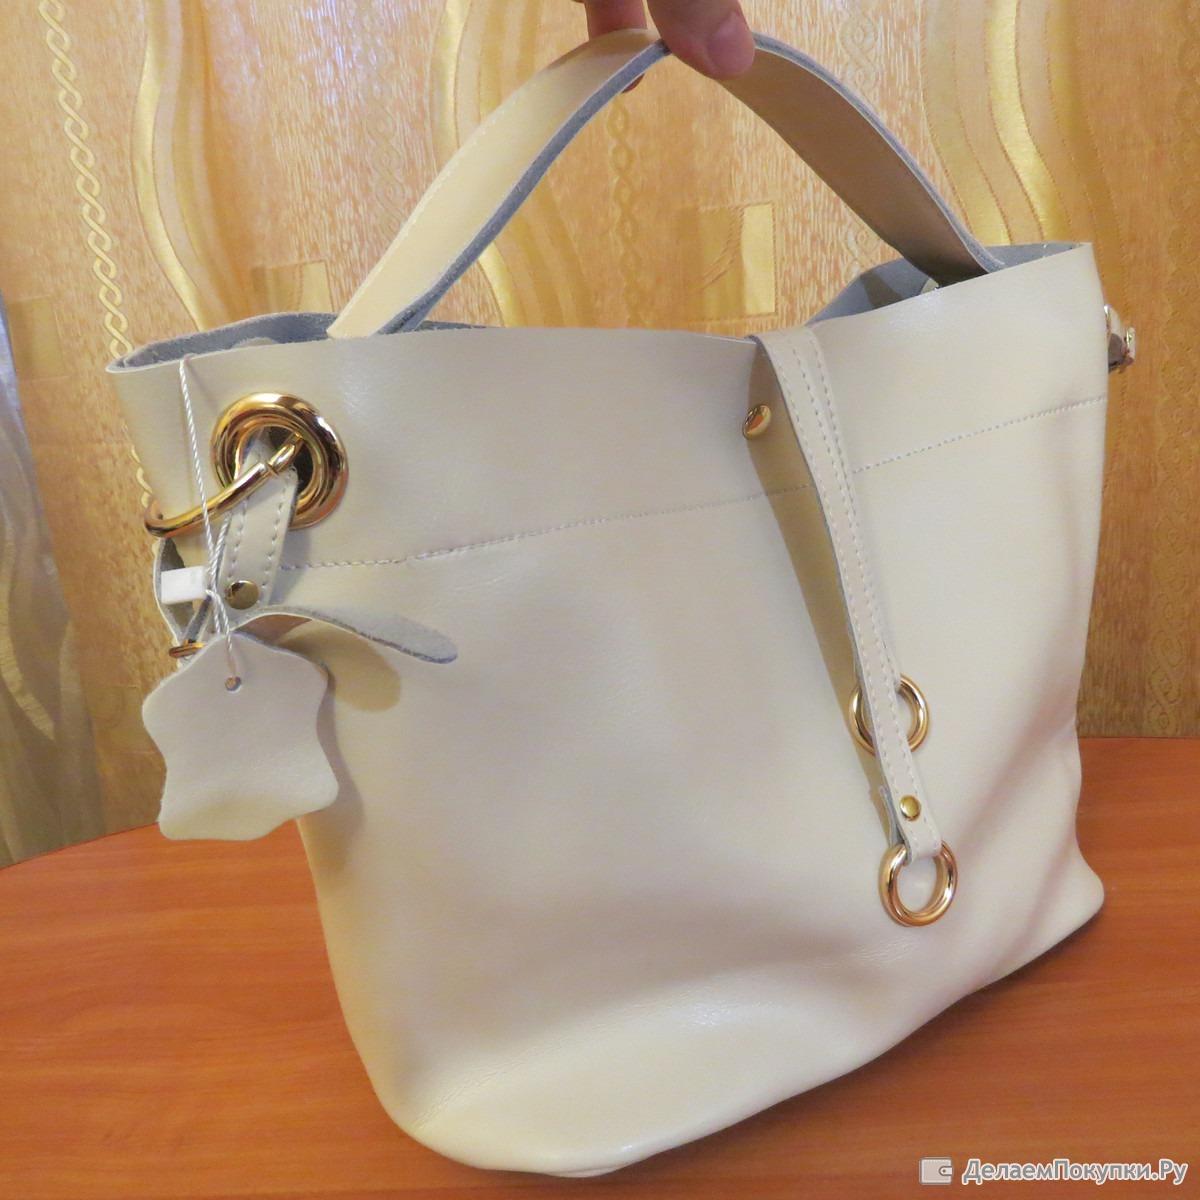 70063dc432b9 Реплики женских сумок известных брендов. В стиле Louis Vuitton. Сумкины  будни